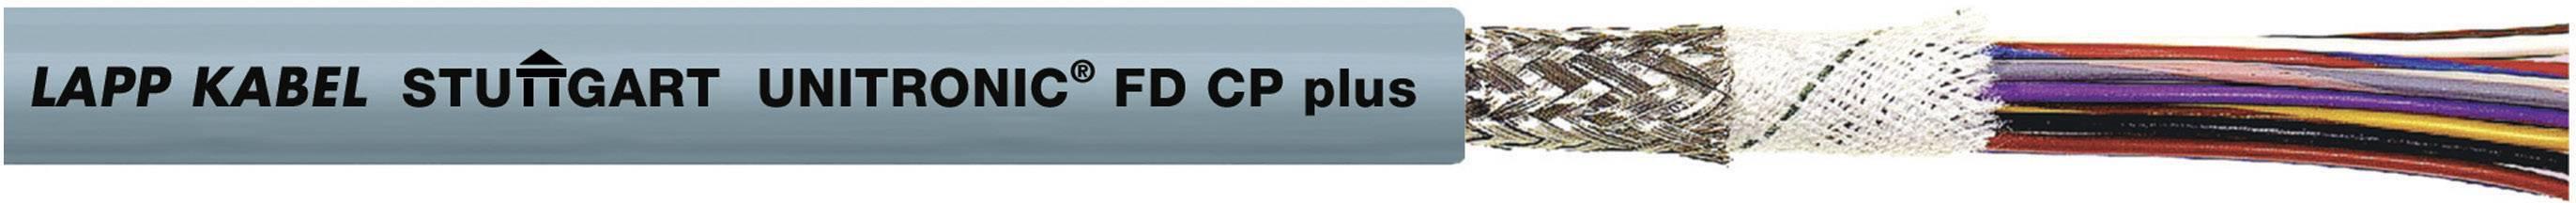 Datový kabel LappKabel UNITRONIC FD CP plus 2X0,25 (0028889), 2x 0,25 mm², Ø 5,1 mm, stíněný, 1 m, šedá